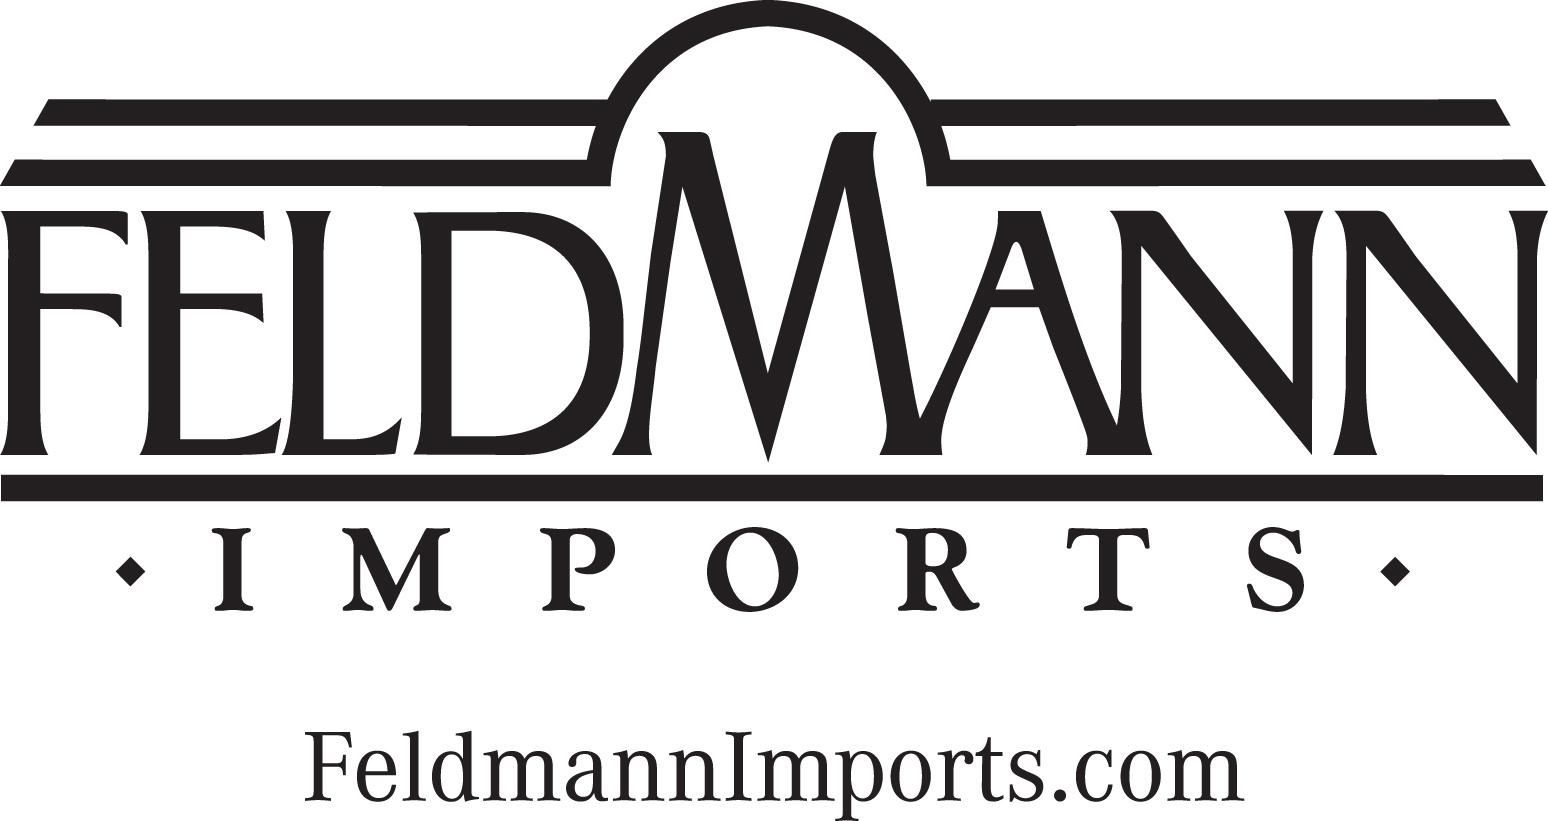 Feldmann Imports